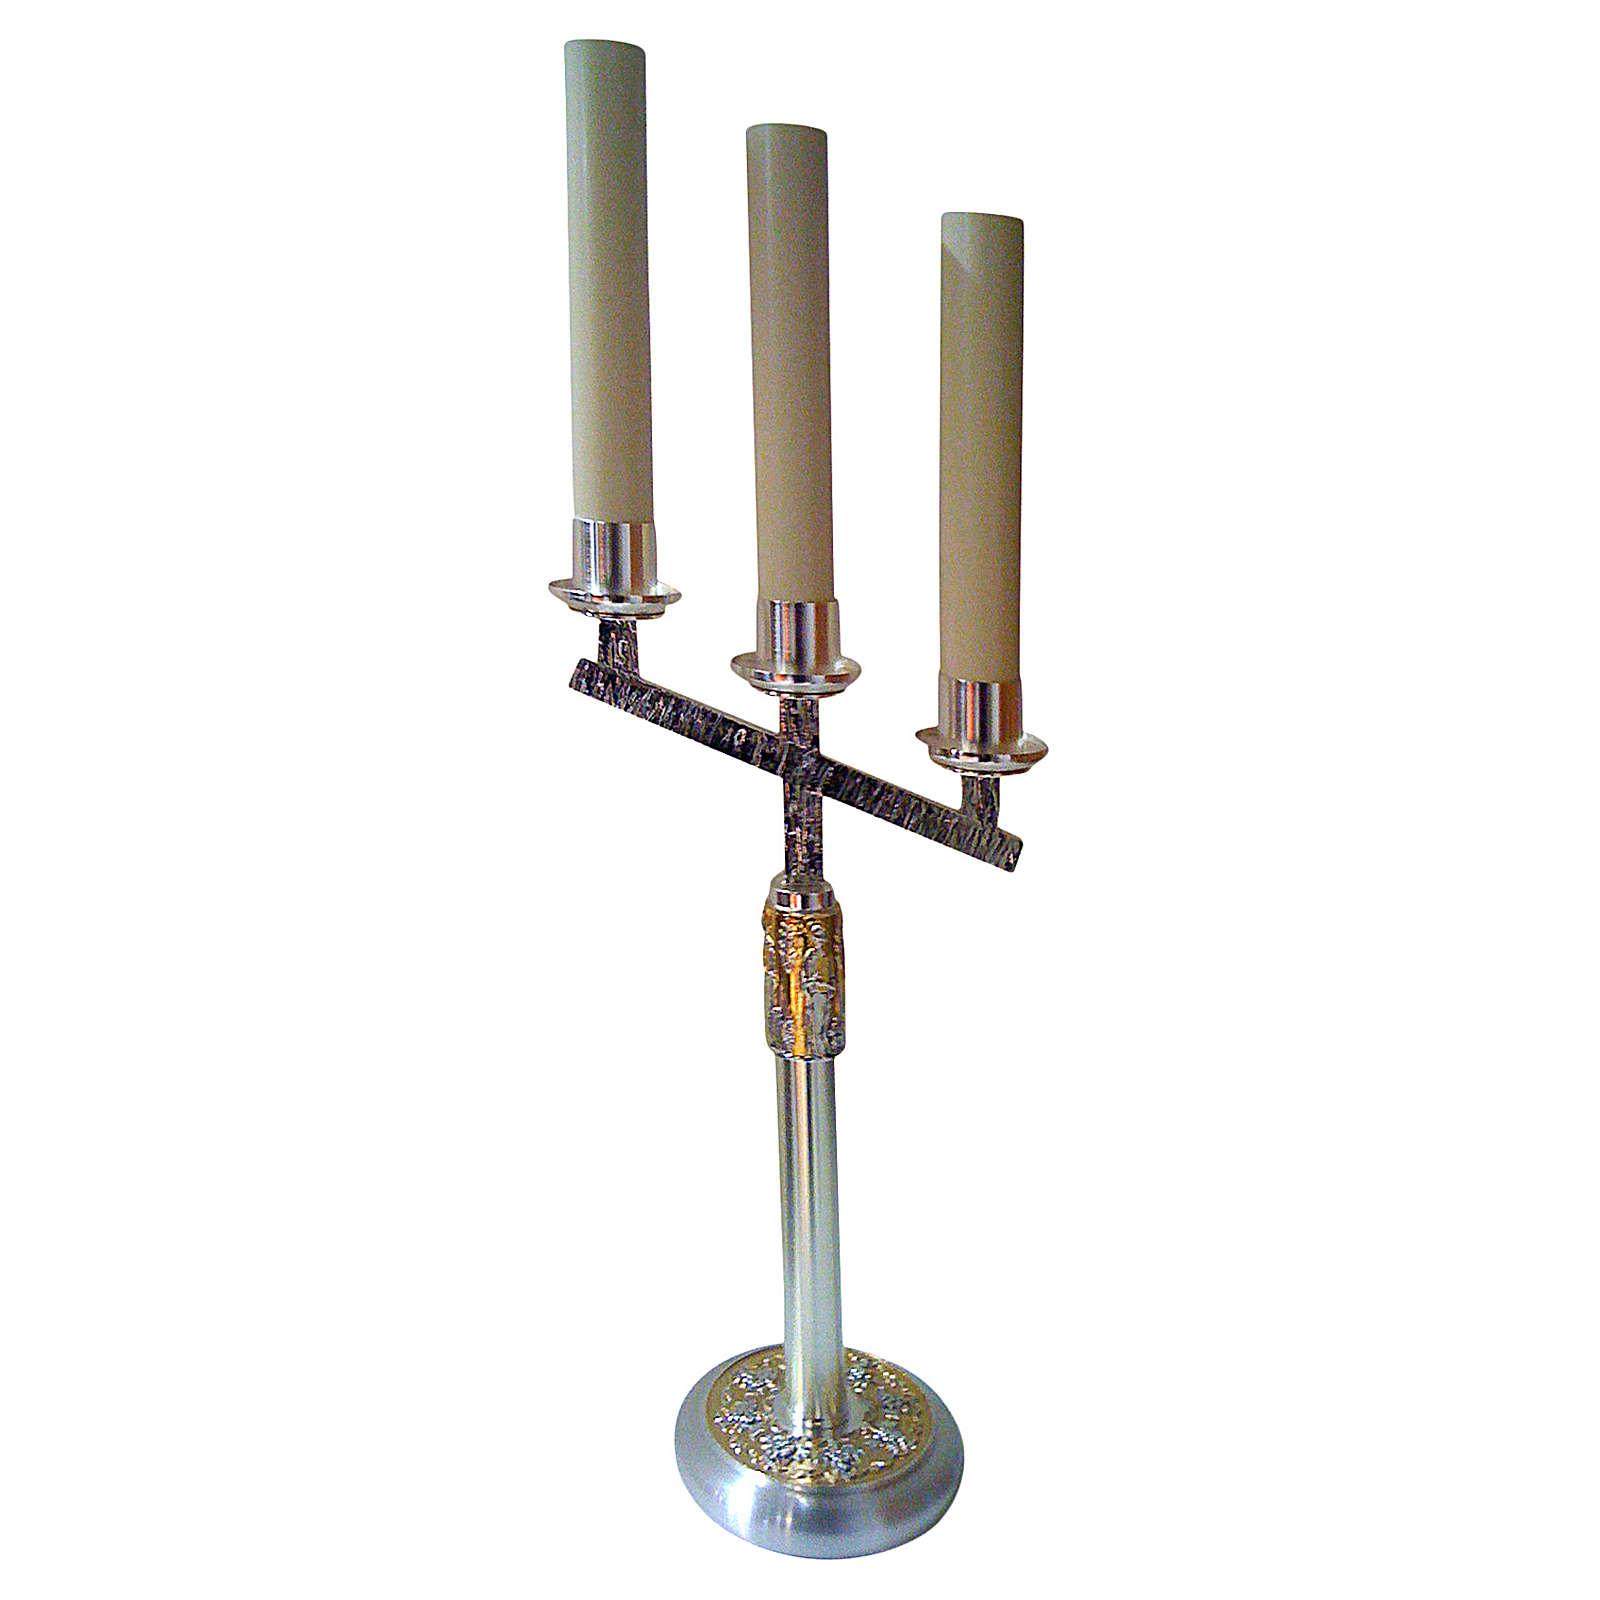 Candélabre 4 évangélistes 3 bagues bicolore laiton moulé 60 cm 4